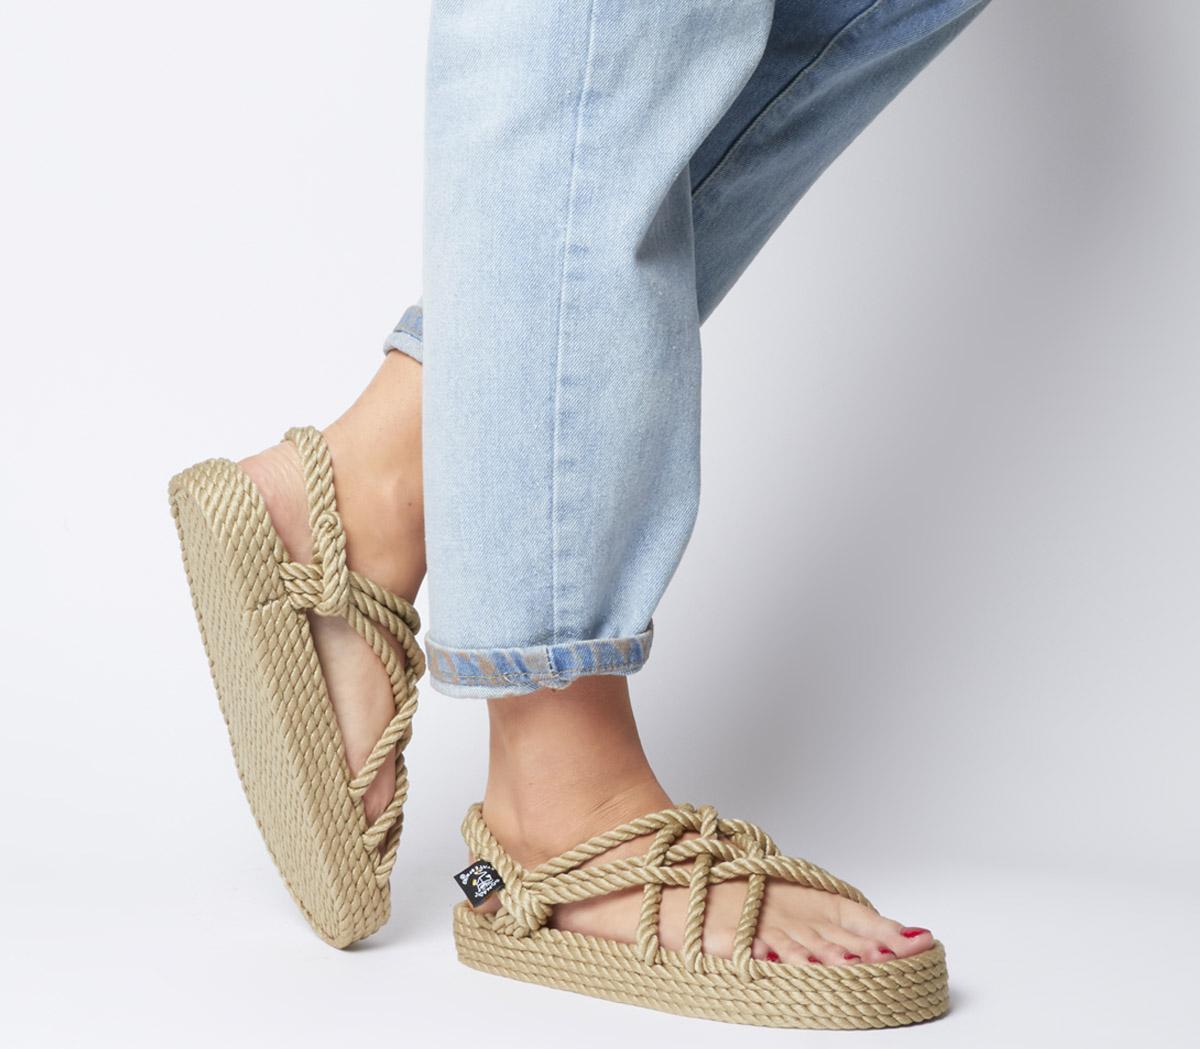 Jc Double Deck Sandals